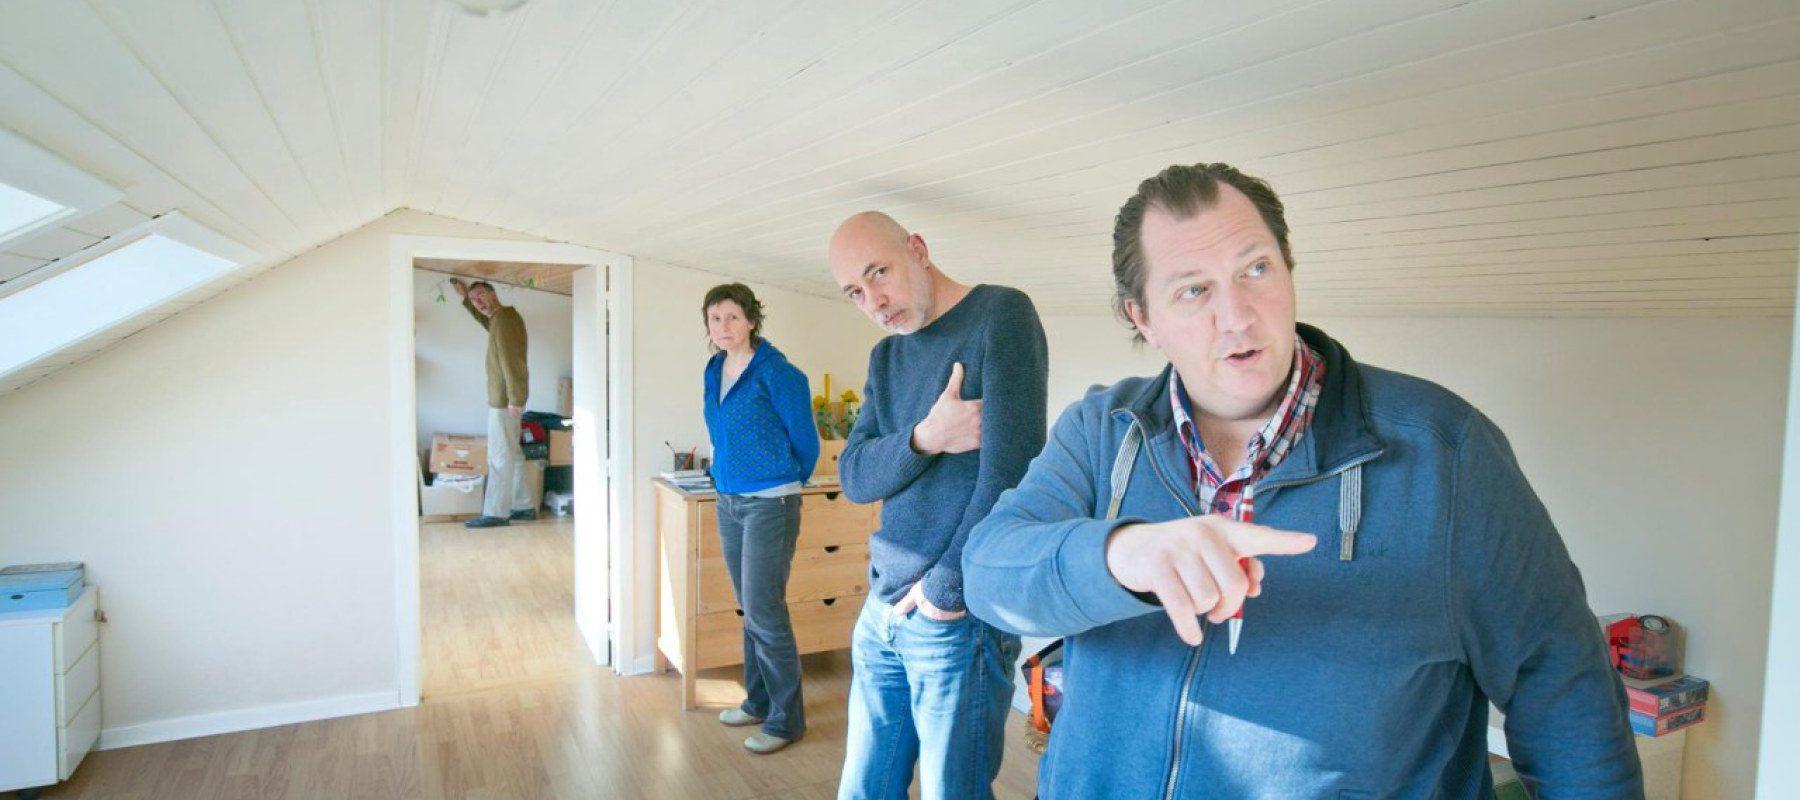 Wijkwerf zorgt gratis voor een persoonlijke begeleider bij jouw renovatie!